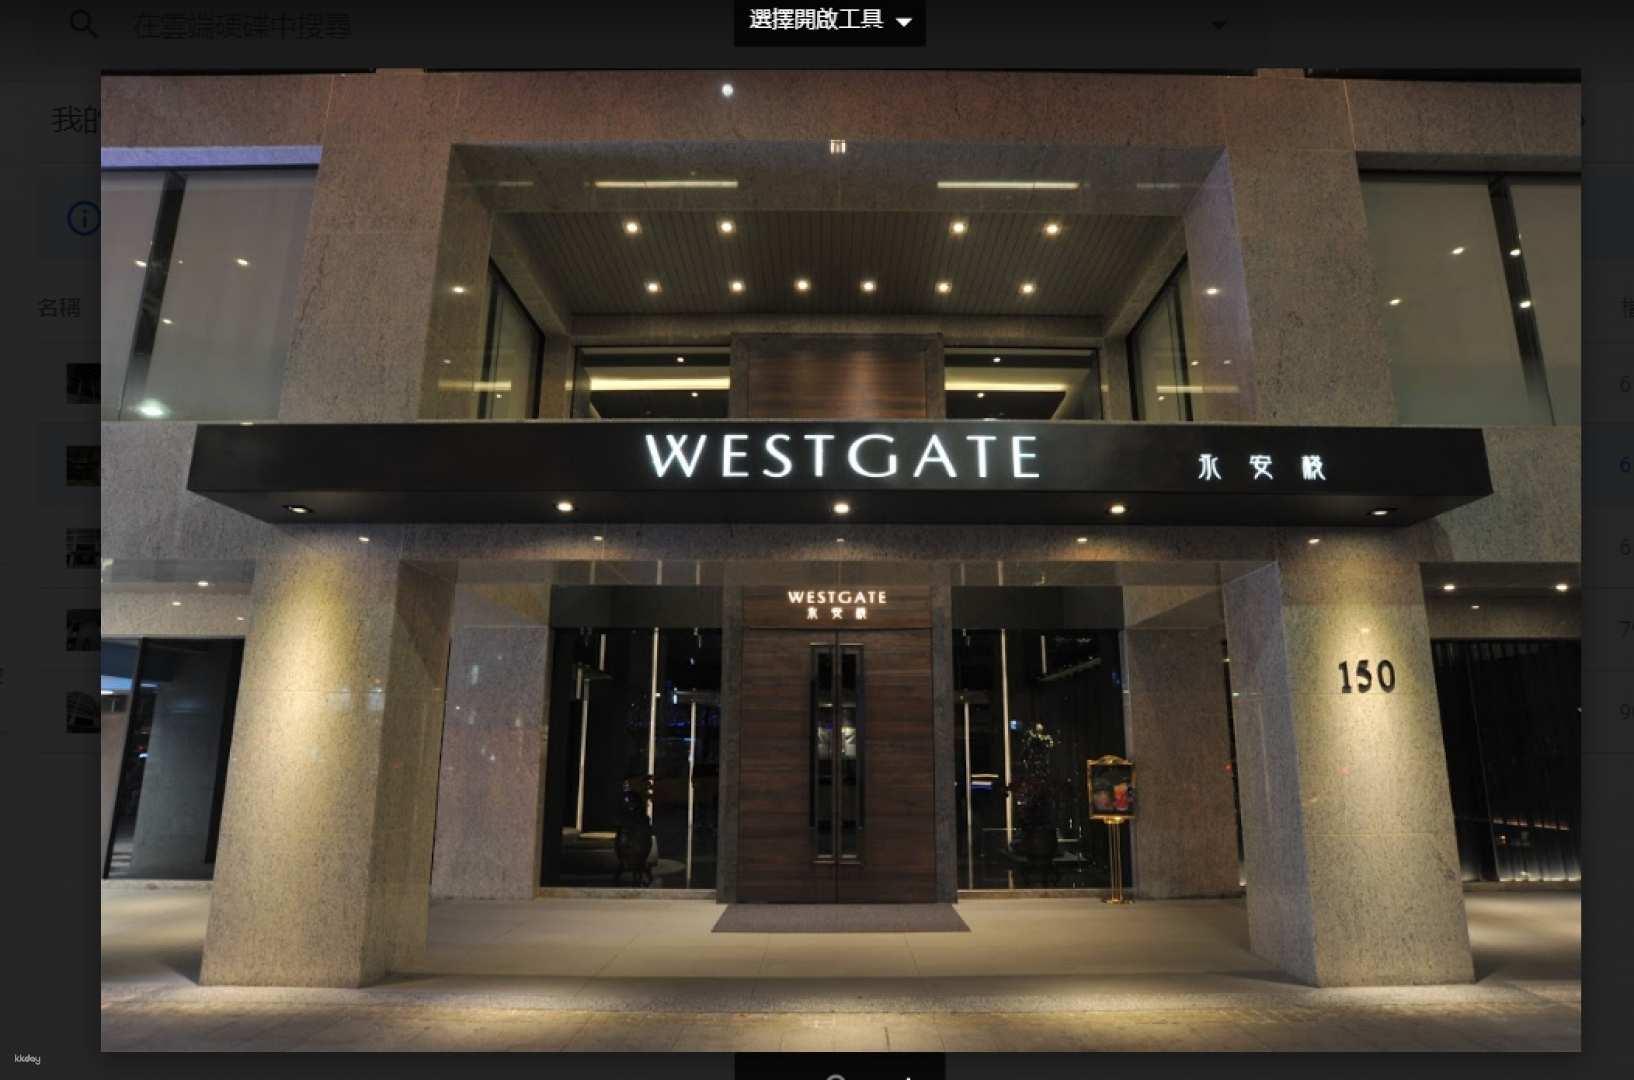 台北-(防疫旅館)WESTGATE HOTEL 永安棧| 居家檢疫專案| 一泊三食